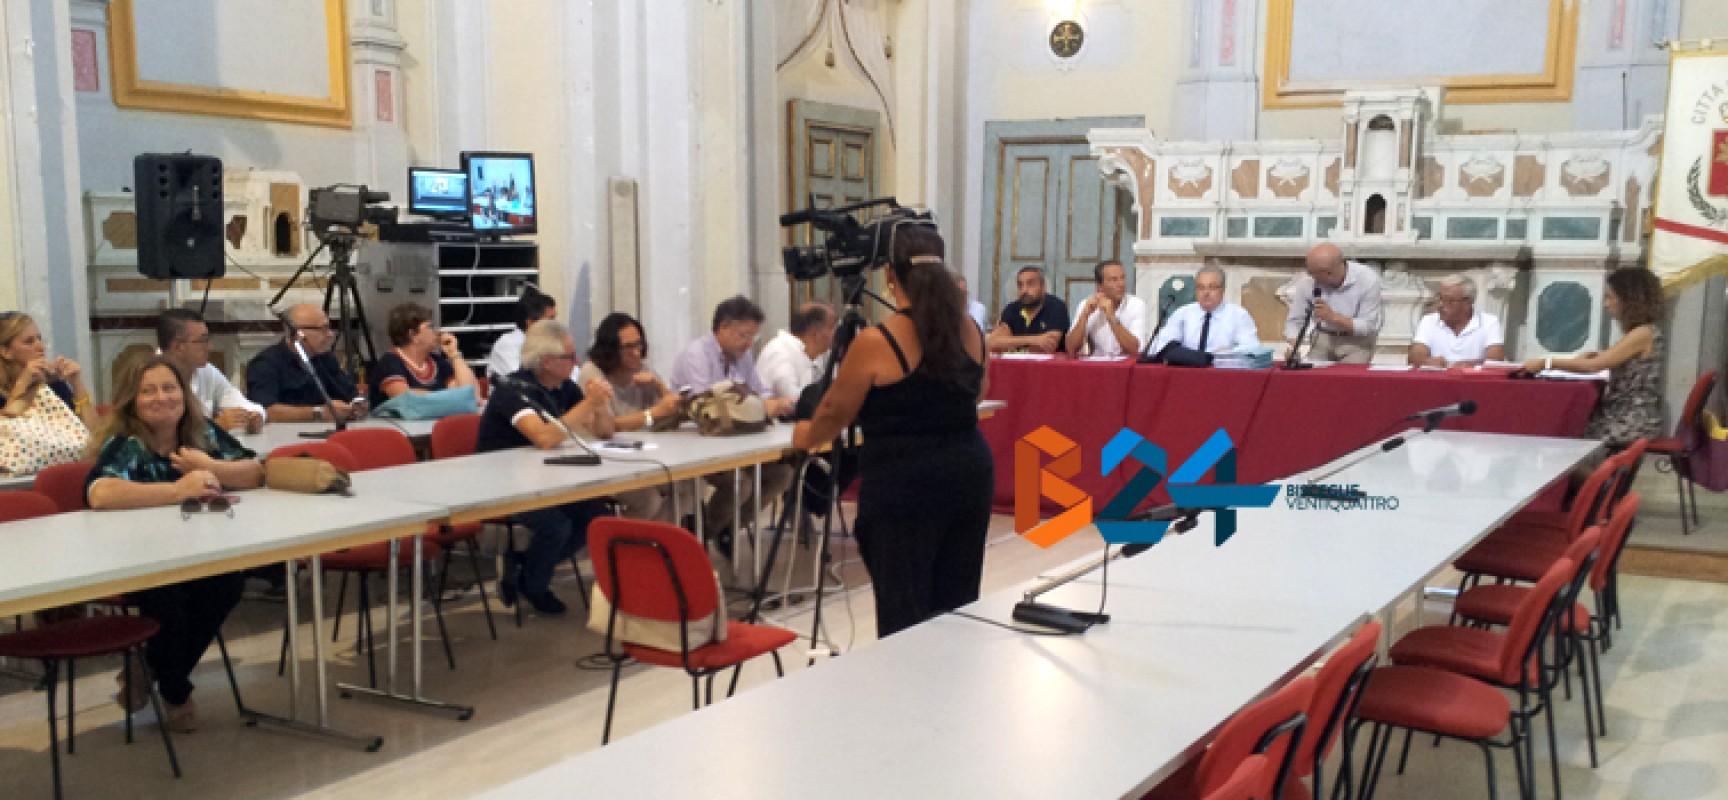 """Scintille in consiglio comunale, Angarano: """"Metodo antidemocratico"""", Di Pierro: """"Sei offensivo"""""""